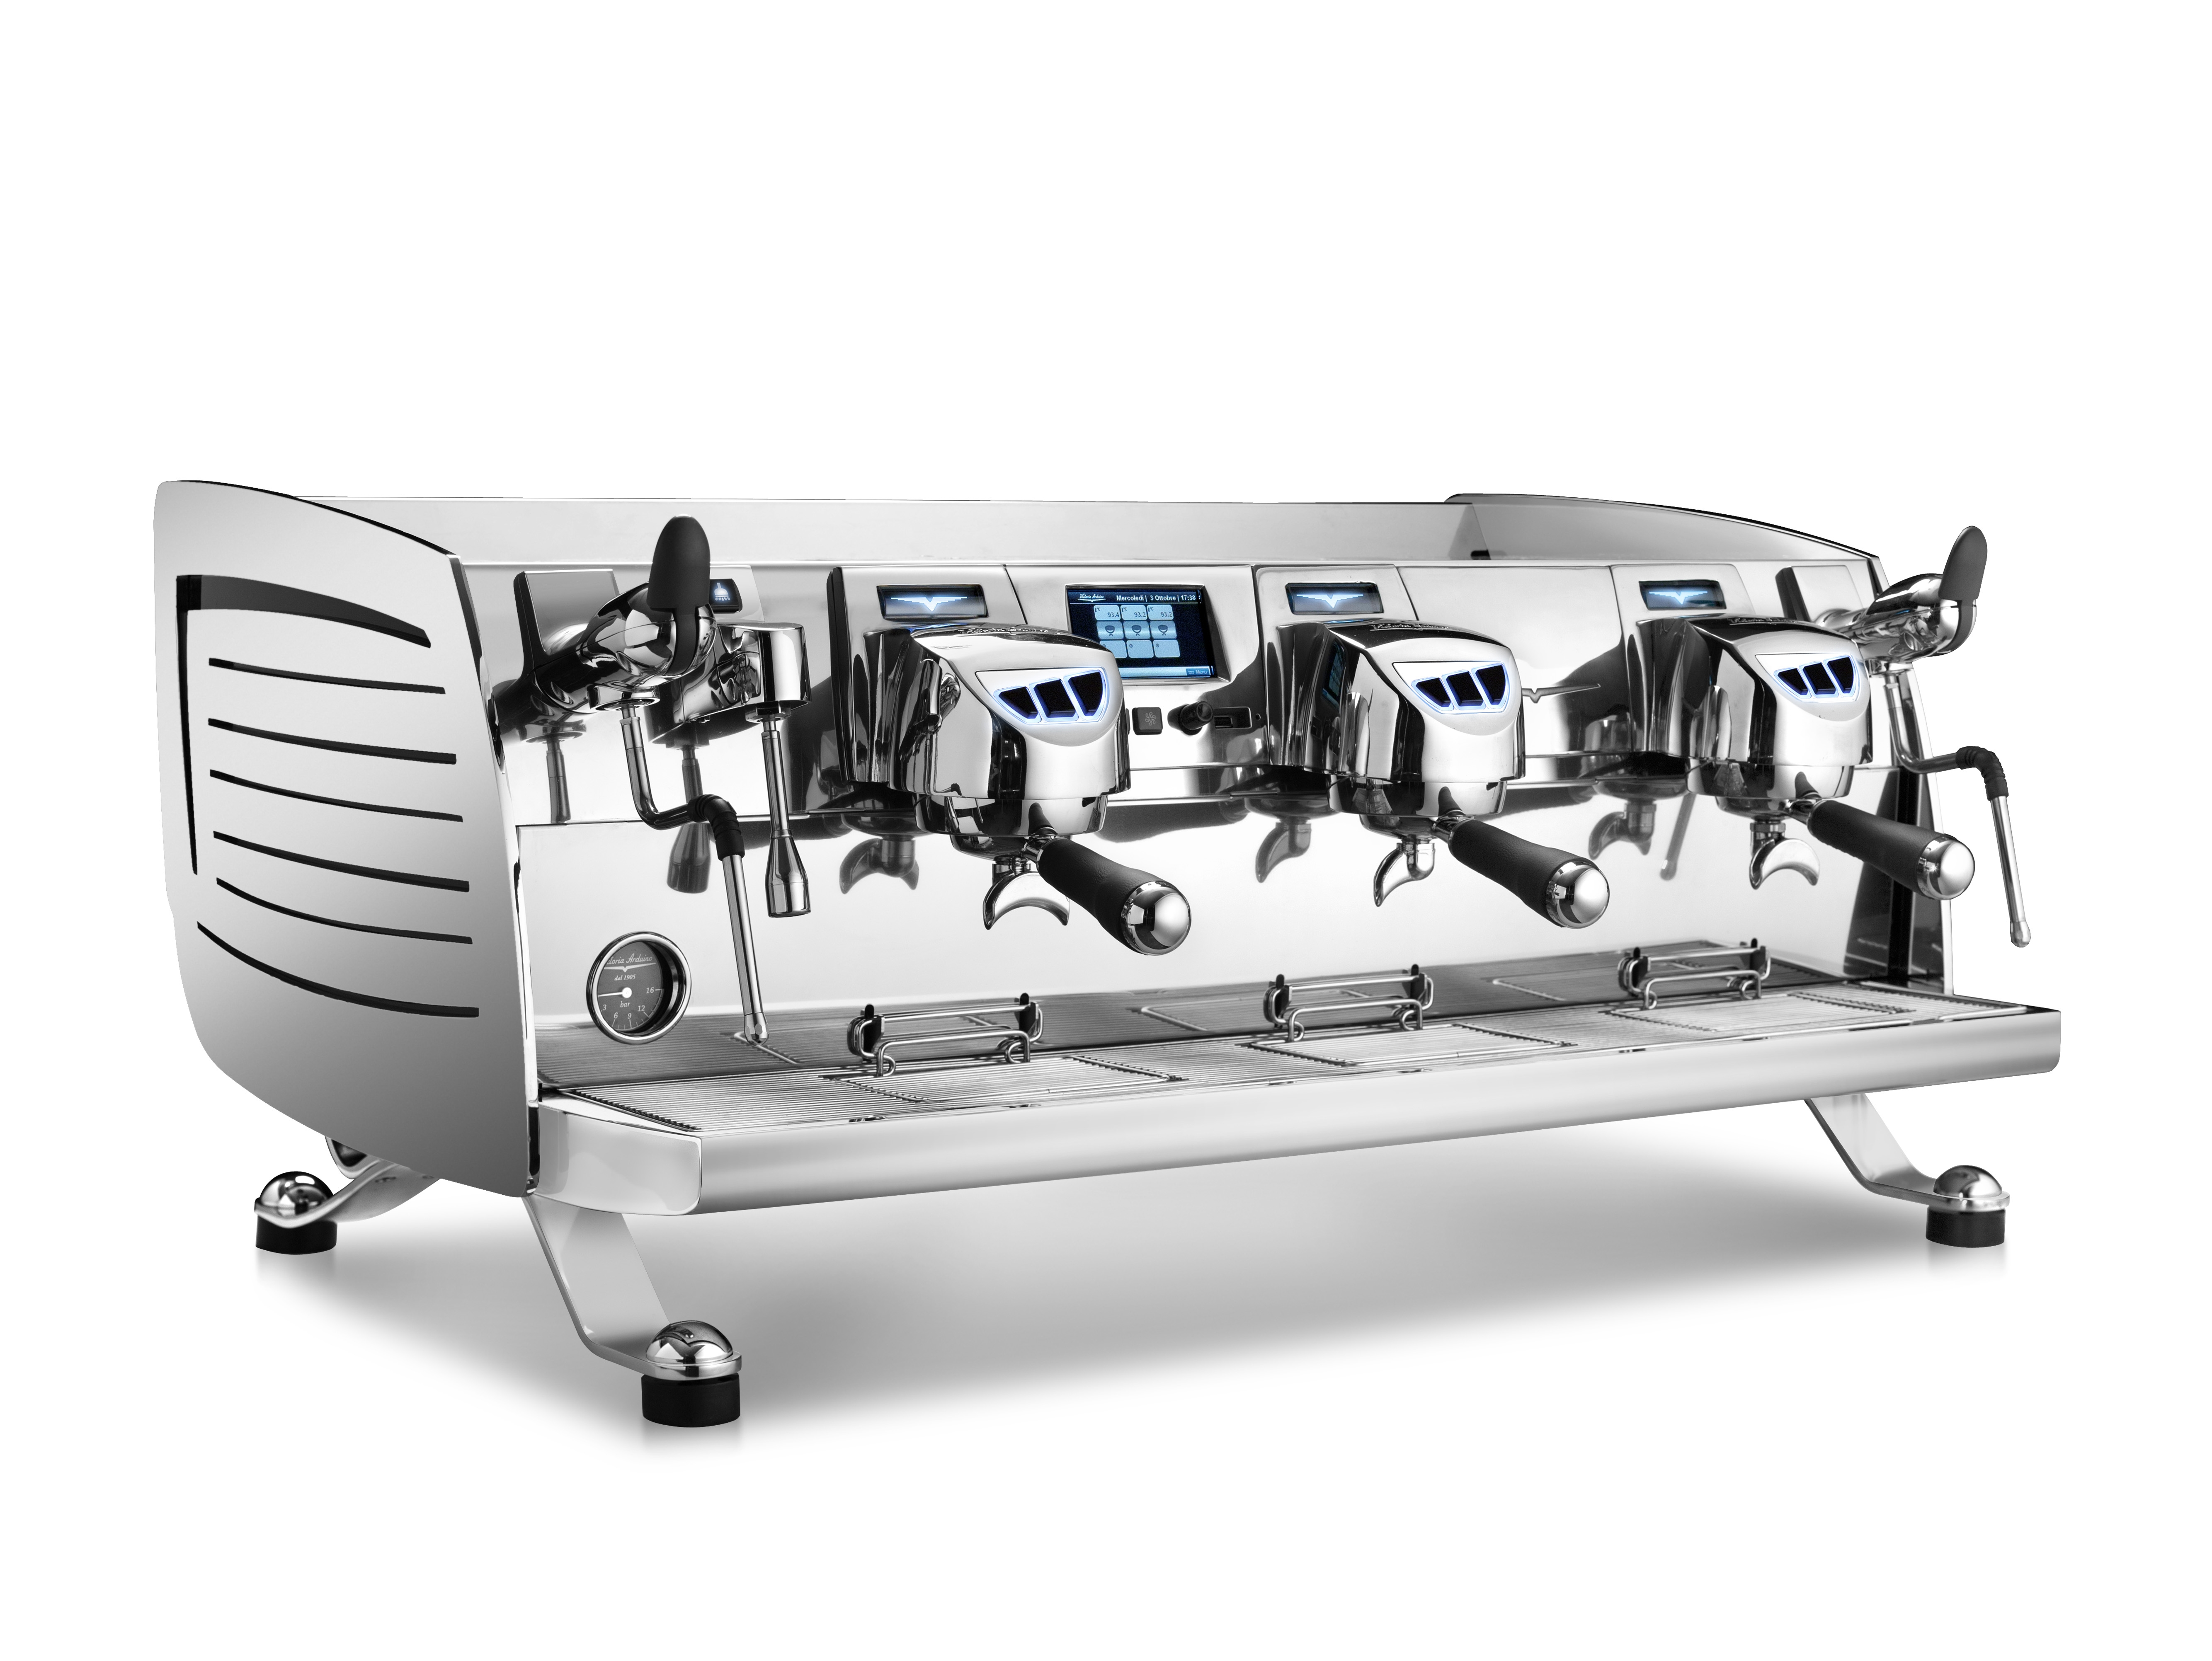 Siebträger-Espressomaschine Black Eagle, 3-gruppig, mit Manometer für  Pumpendruck, Farbe Edelstahl